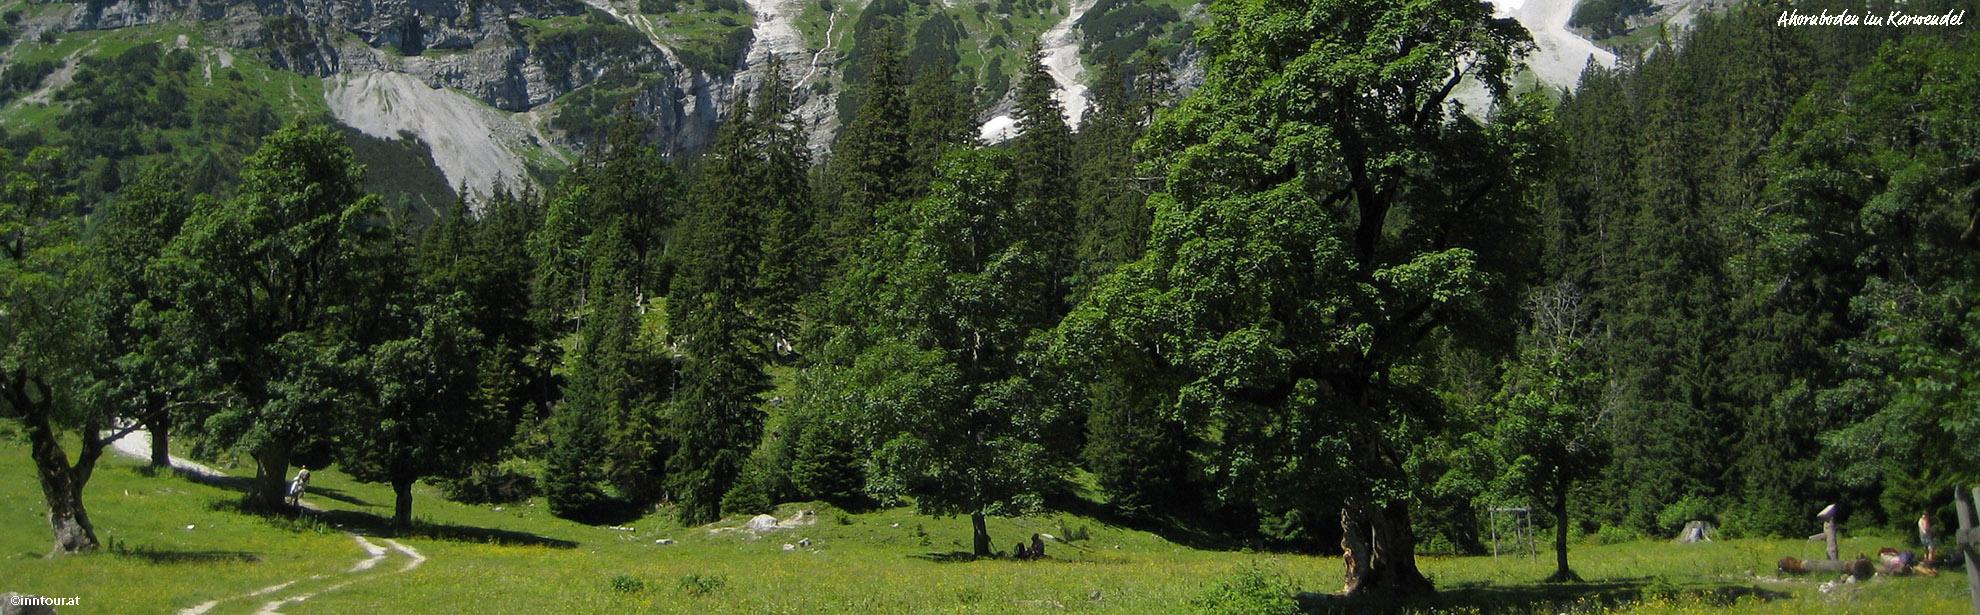 Oinntourat_Ahornboden-Karwendel